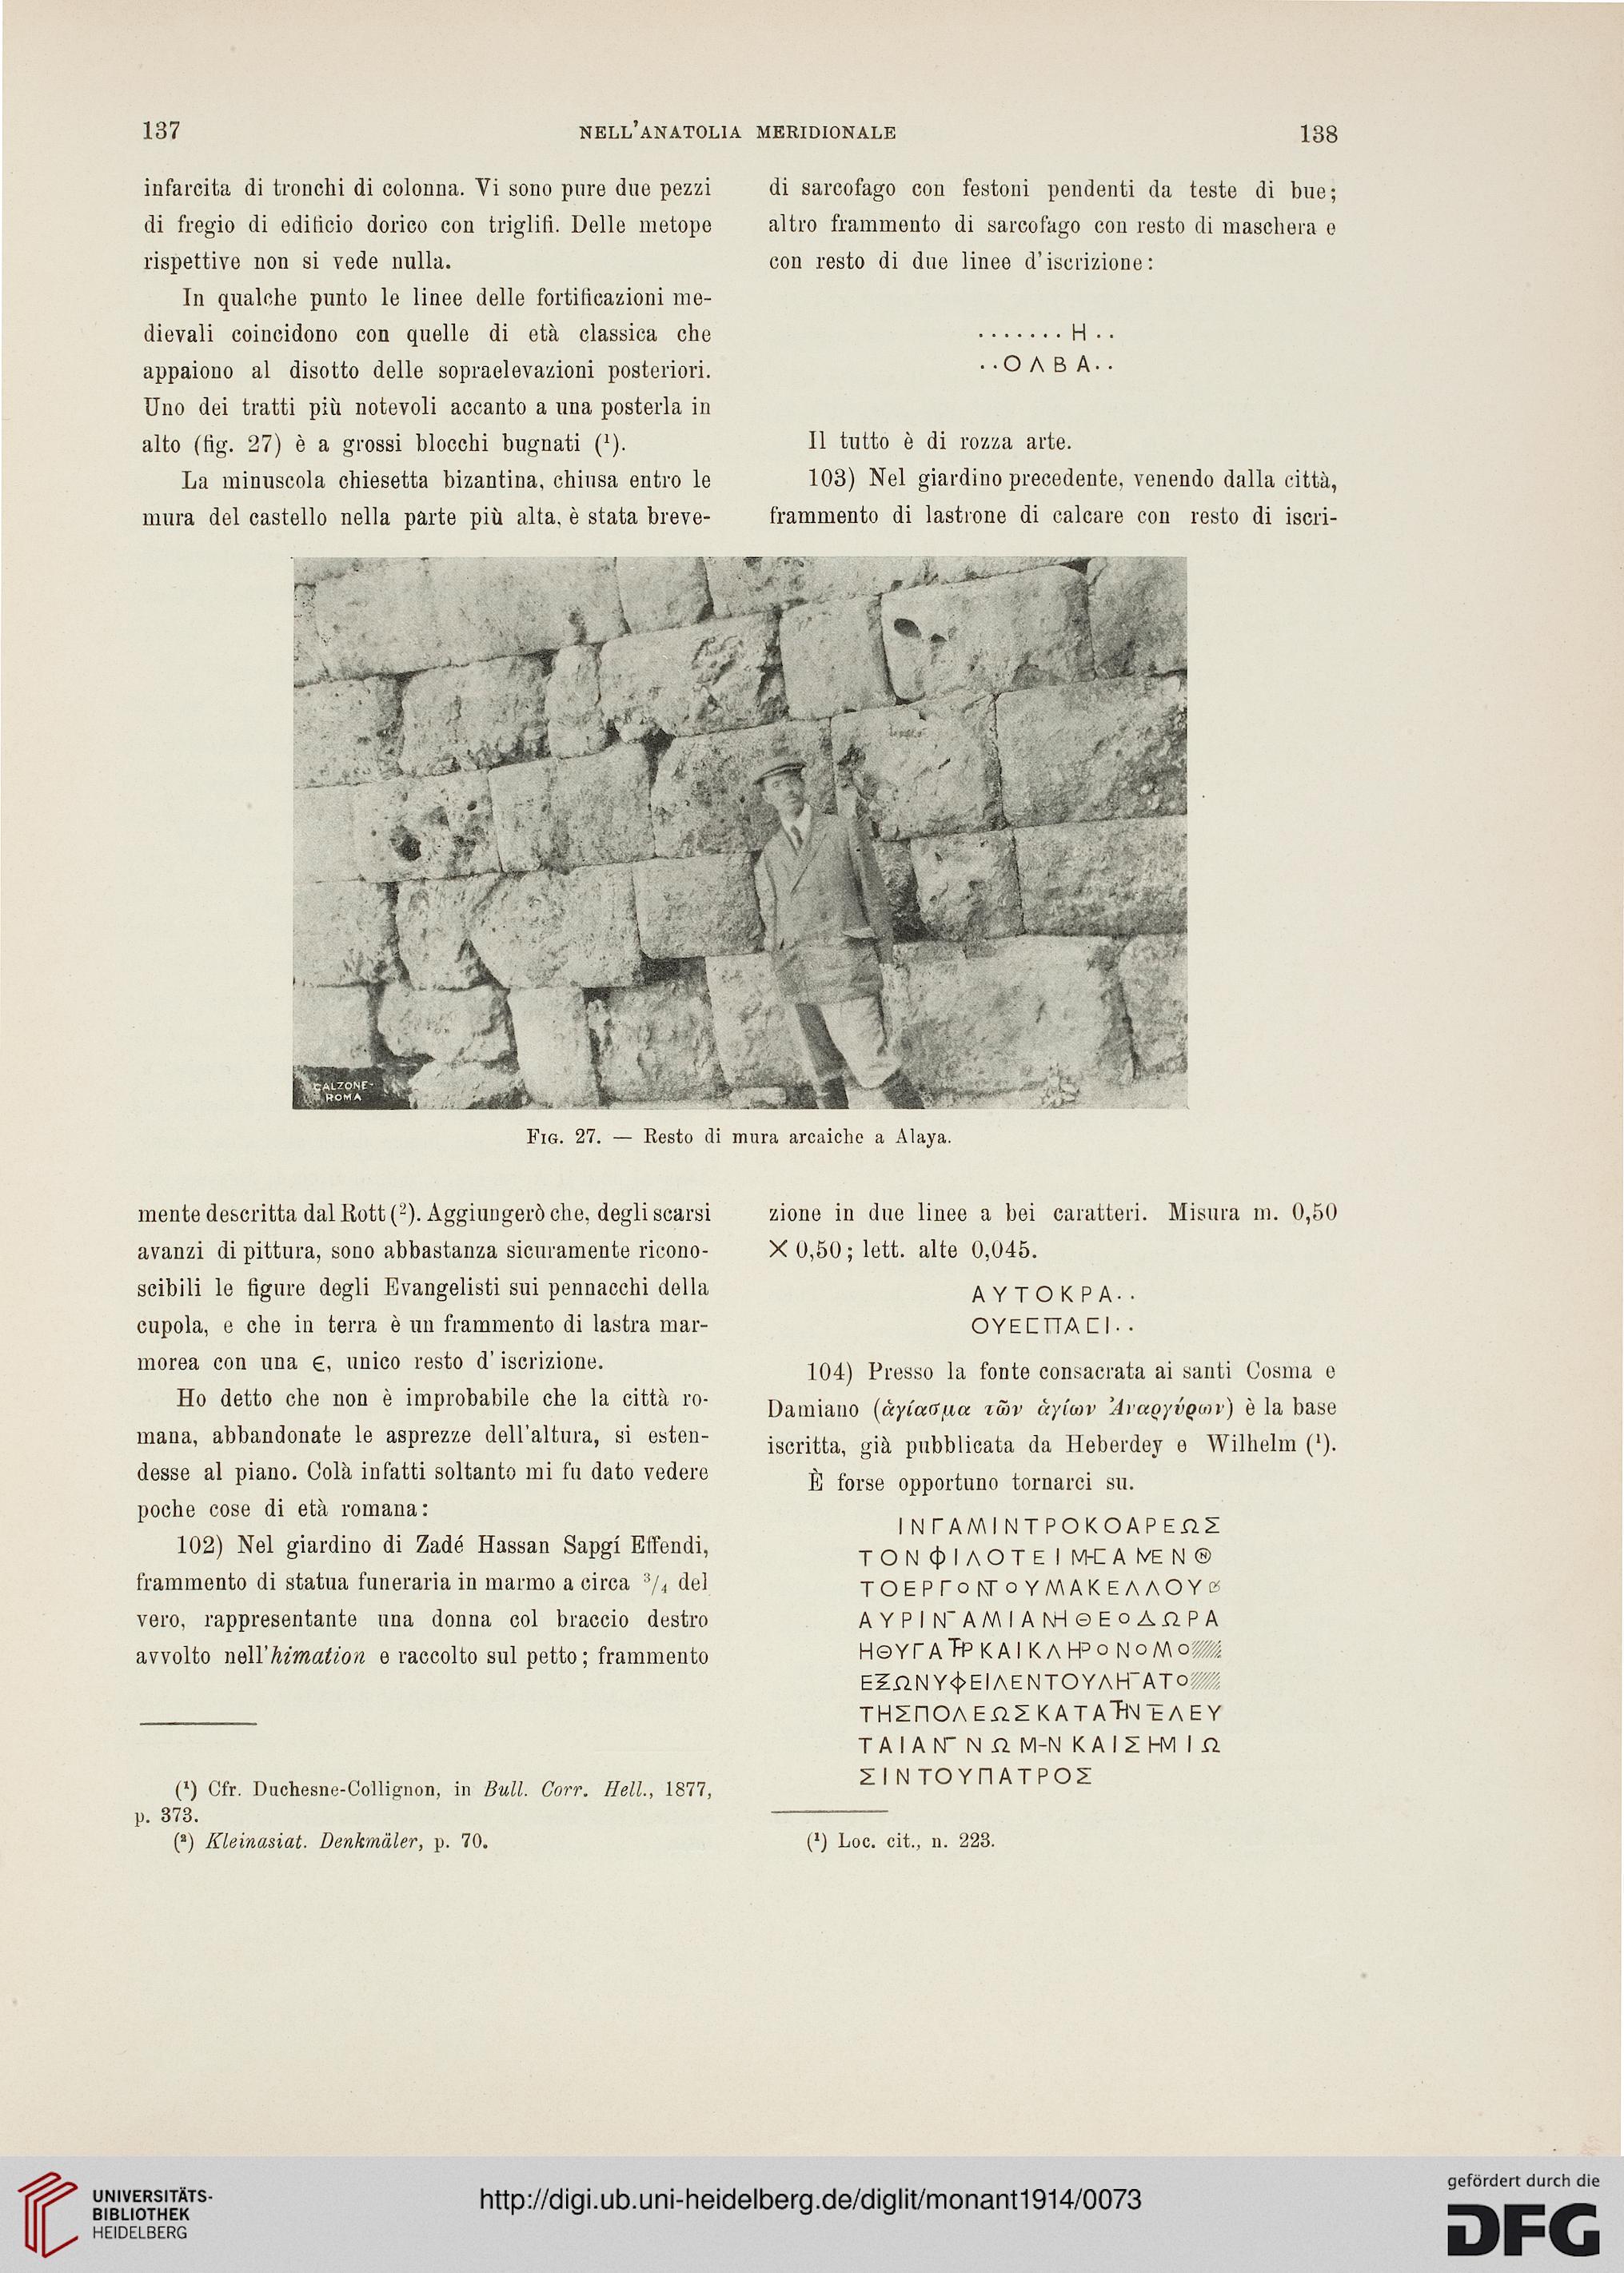 Accademia Nazionale Dei Lincei Rom Hrsg Monumenti Antichi 23 1914